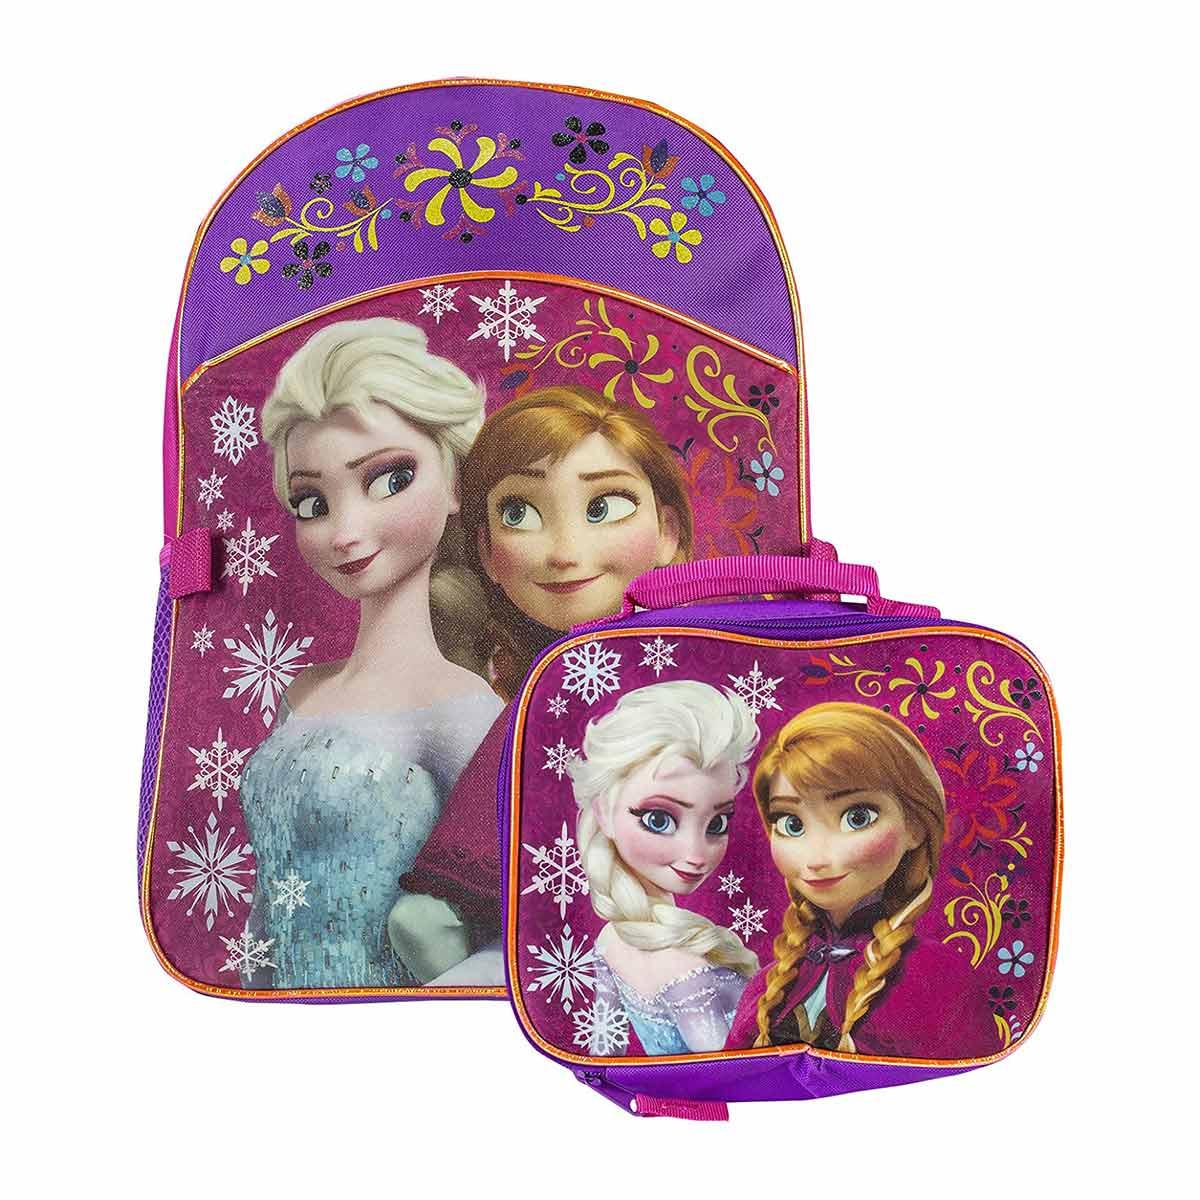 アナと雪の女王 子供 リュック ランチ バッグ リュックサック 通常便は送料無料